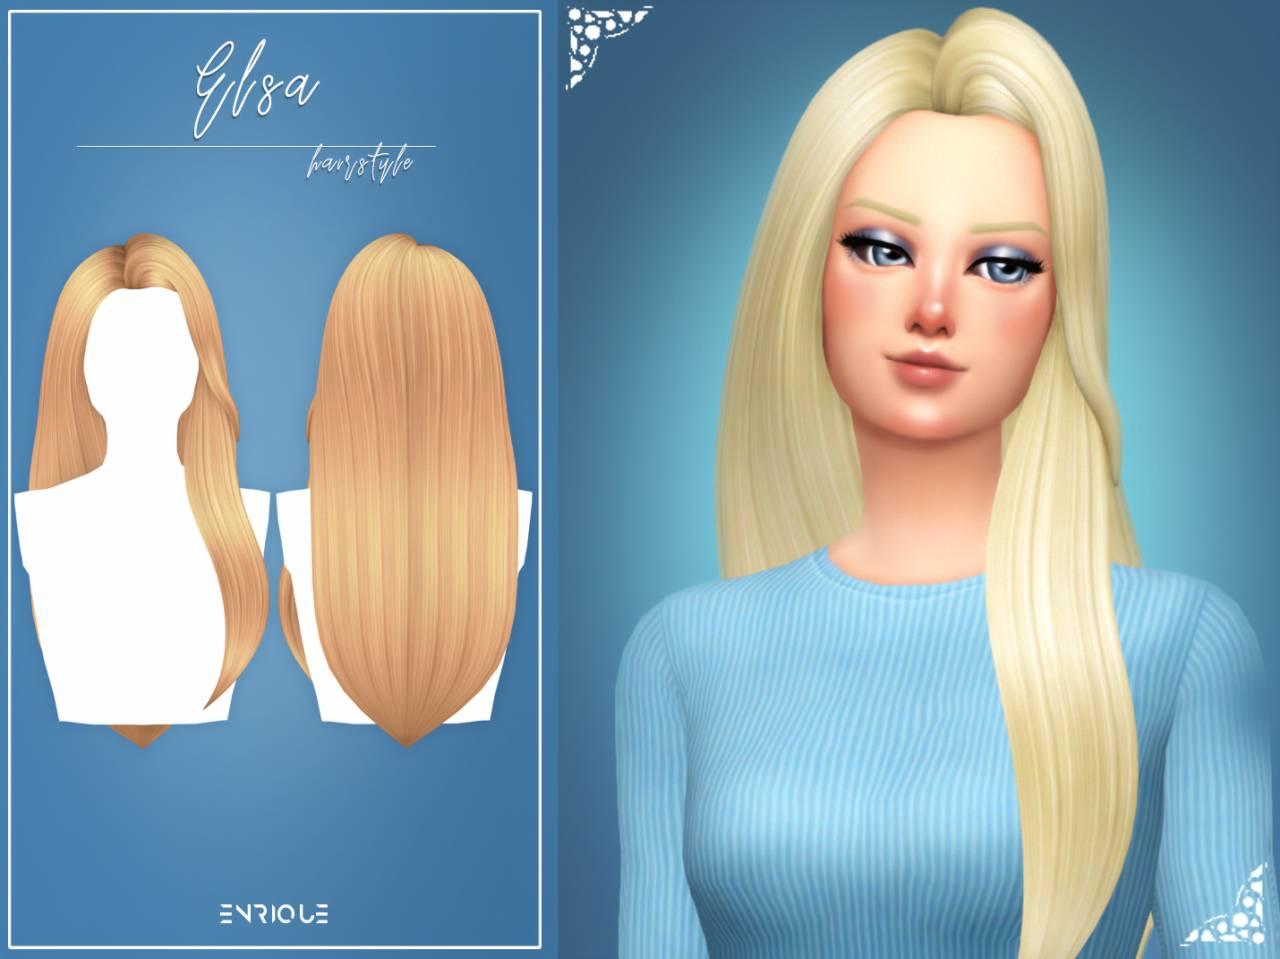 Женская прическа - Elsa Hairstyle